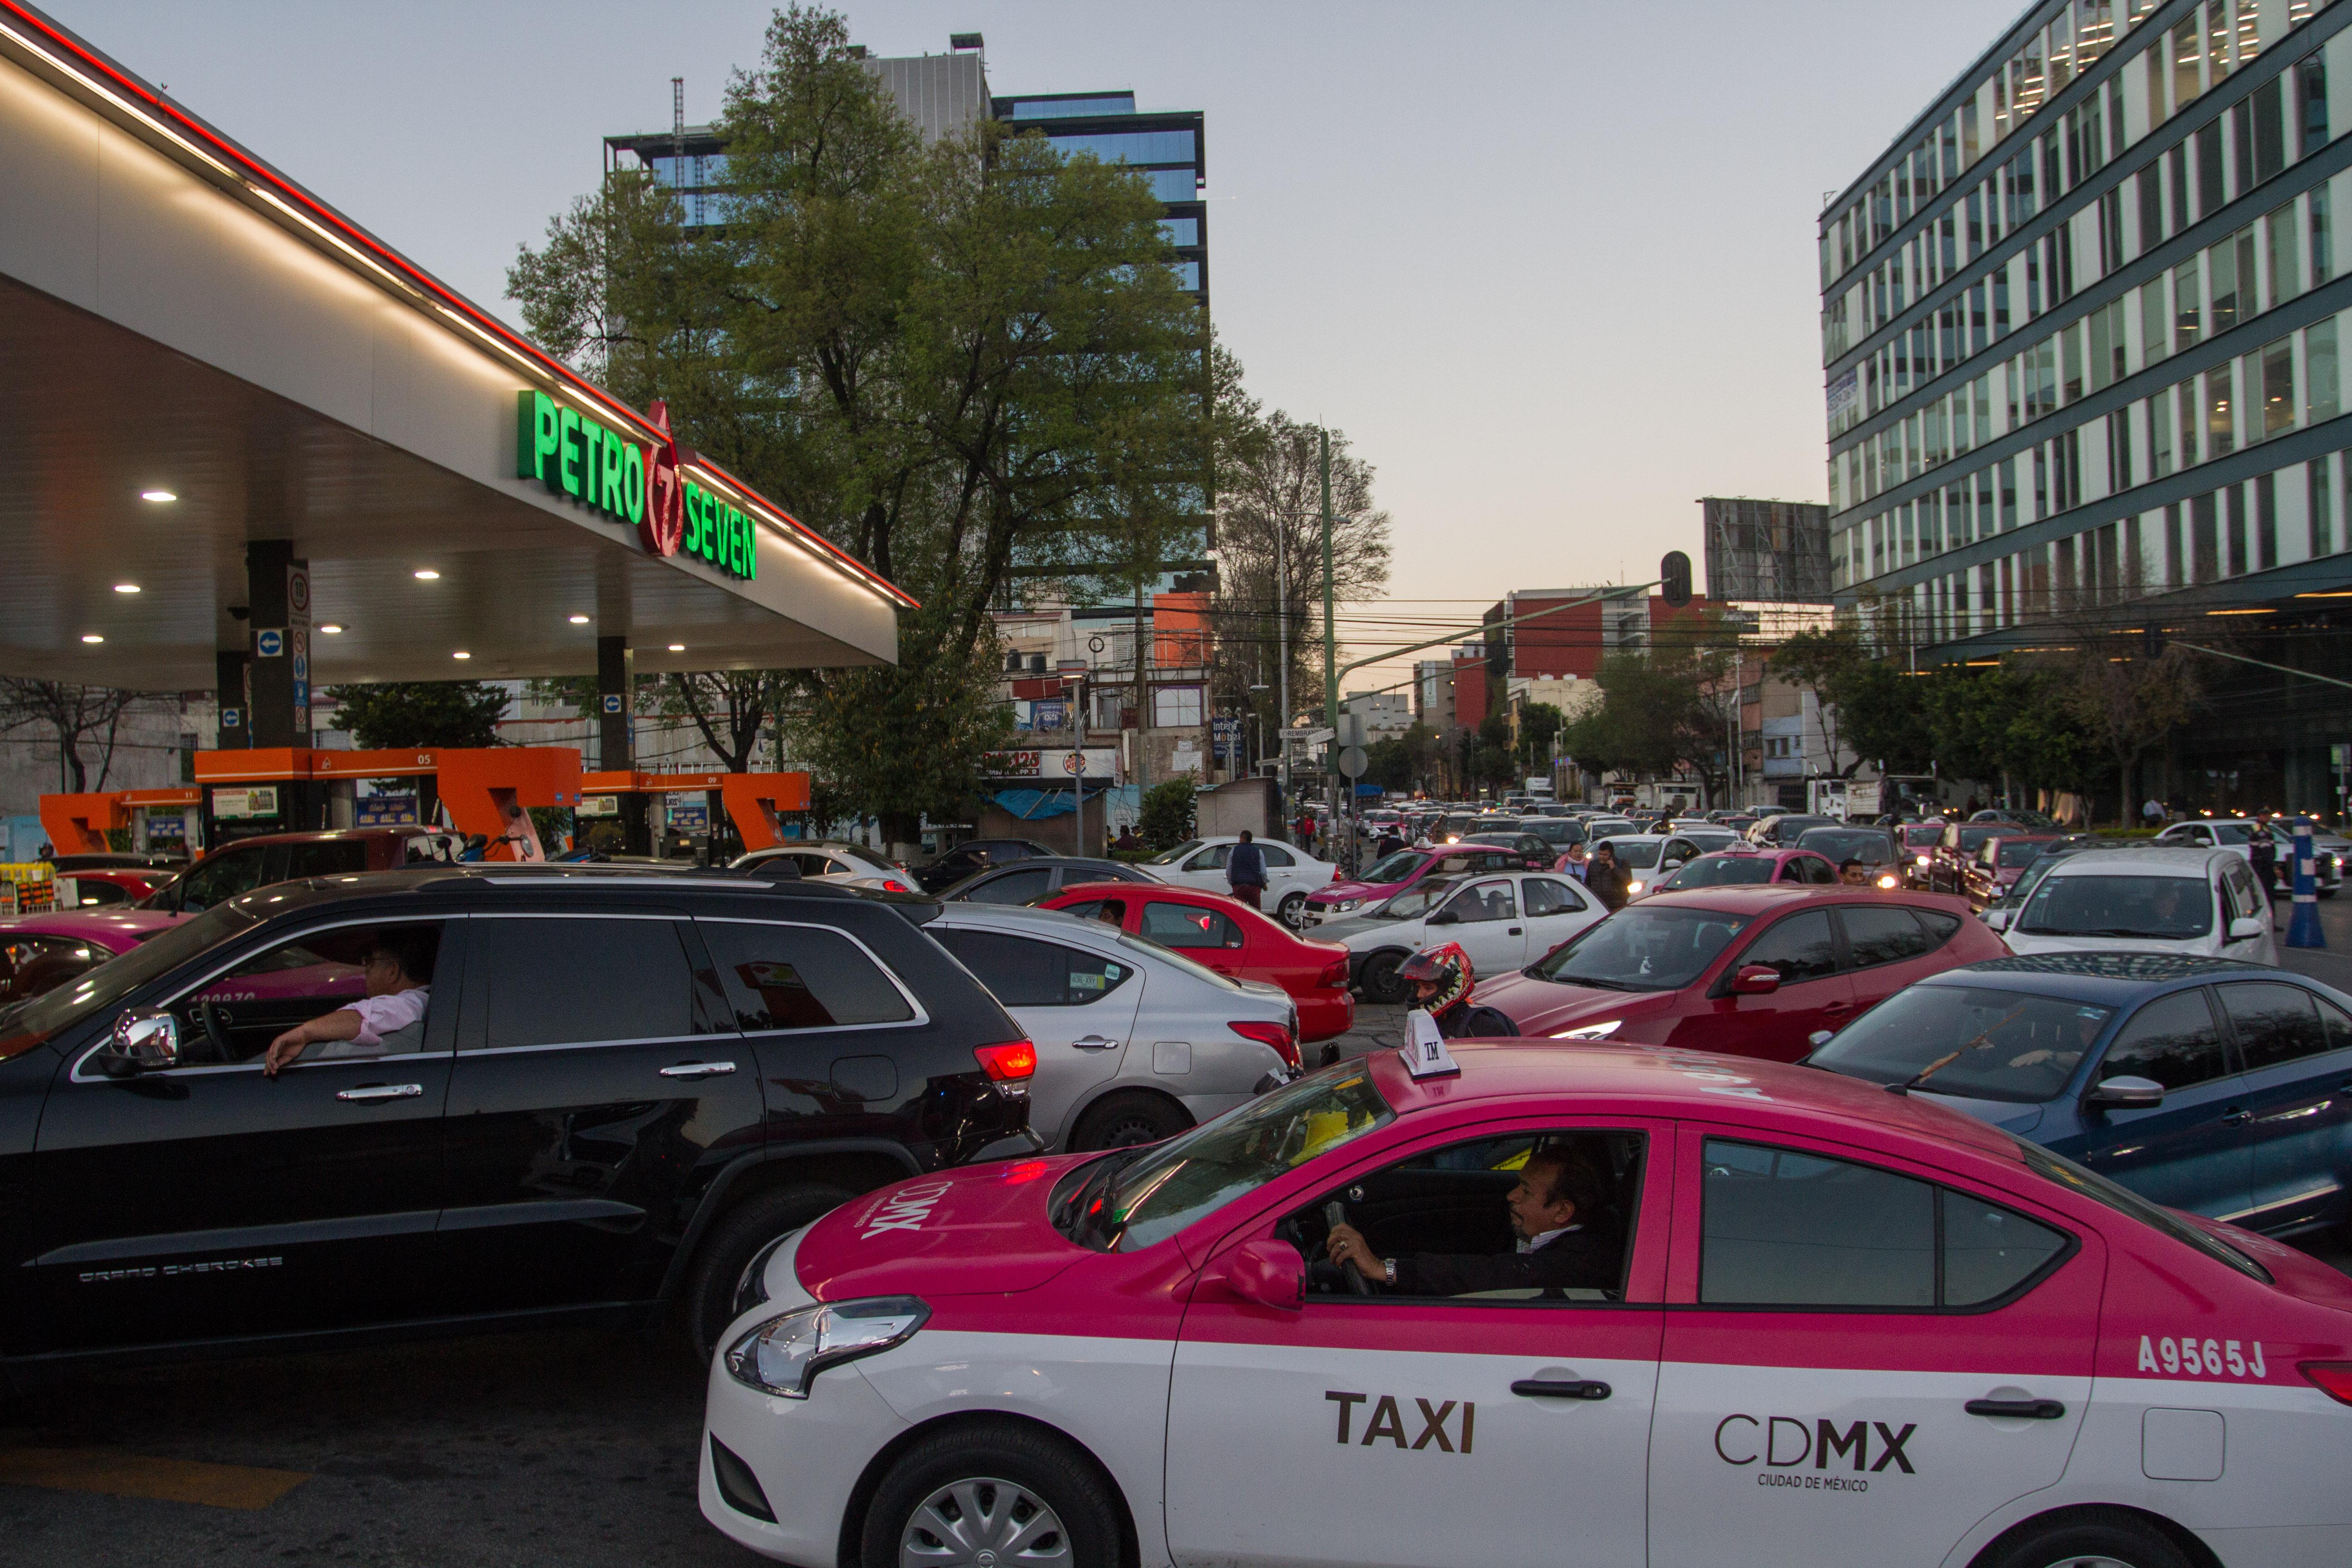 Largas filas en gasolineras para recargar combustible, ante el desabasto que existe en la ciudad (Foto: Isaac Esquivel /CUARTOSCURO.COM)